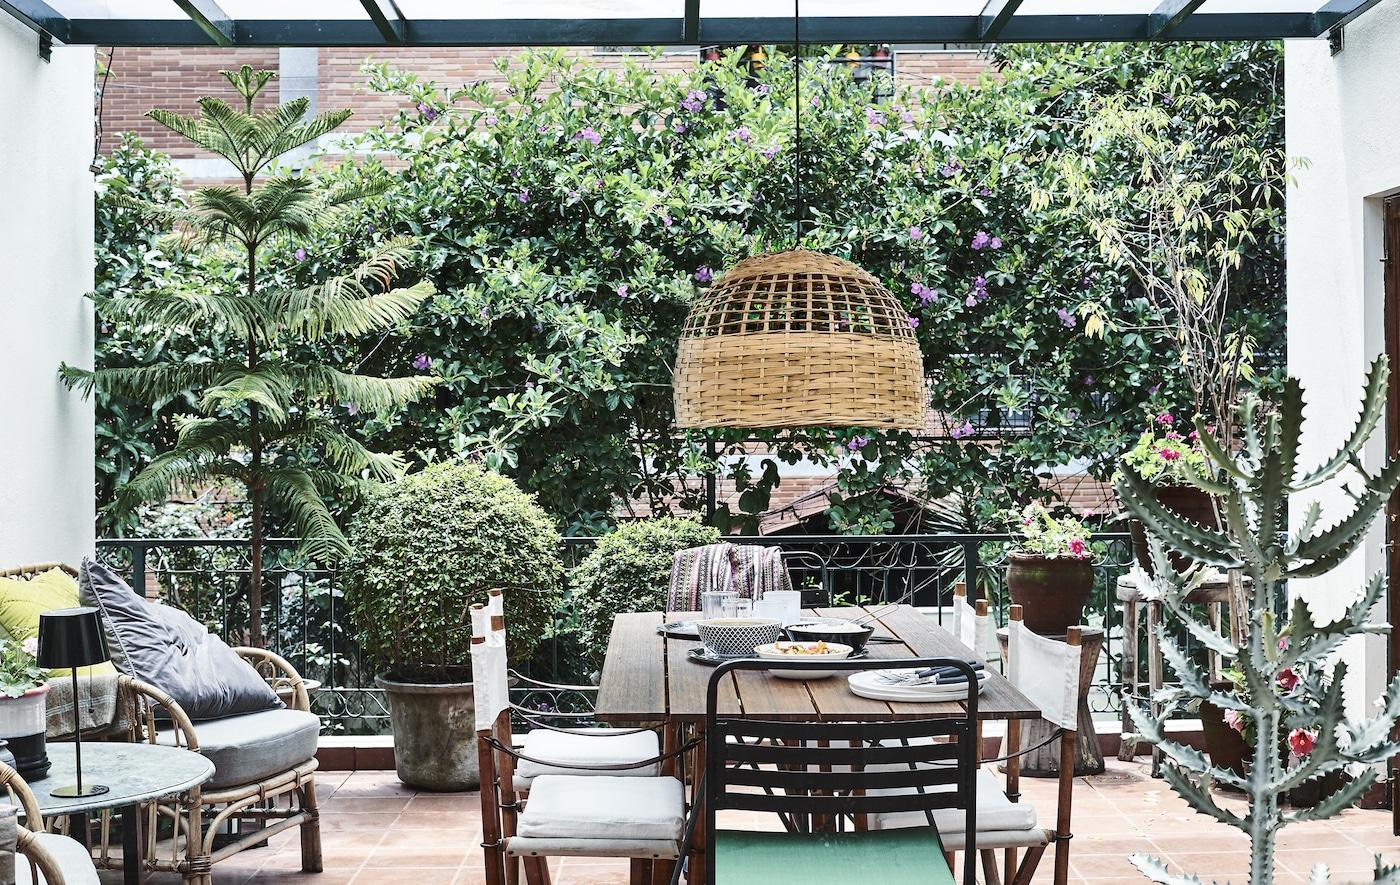 شرفة بها نباتات، وكراسي، وطاولة ومصباح معلق.